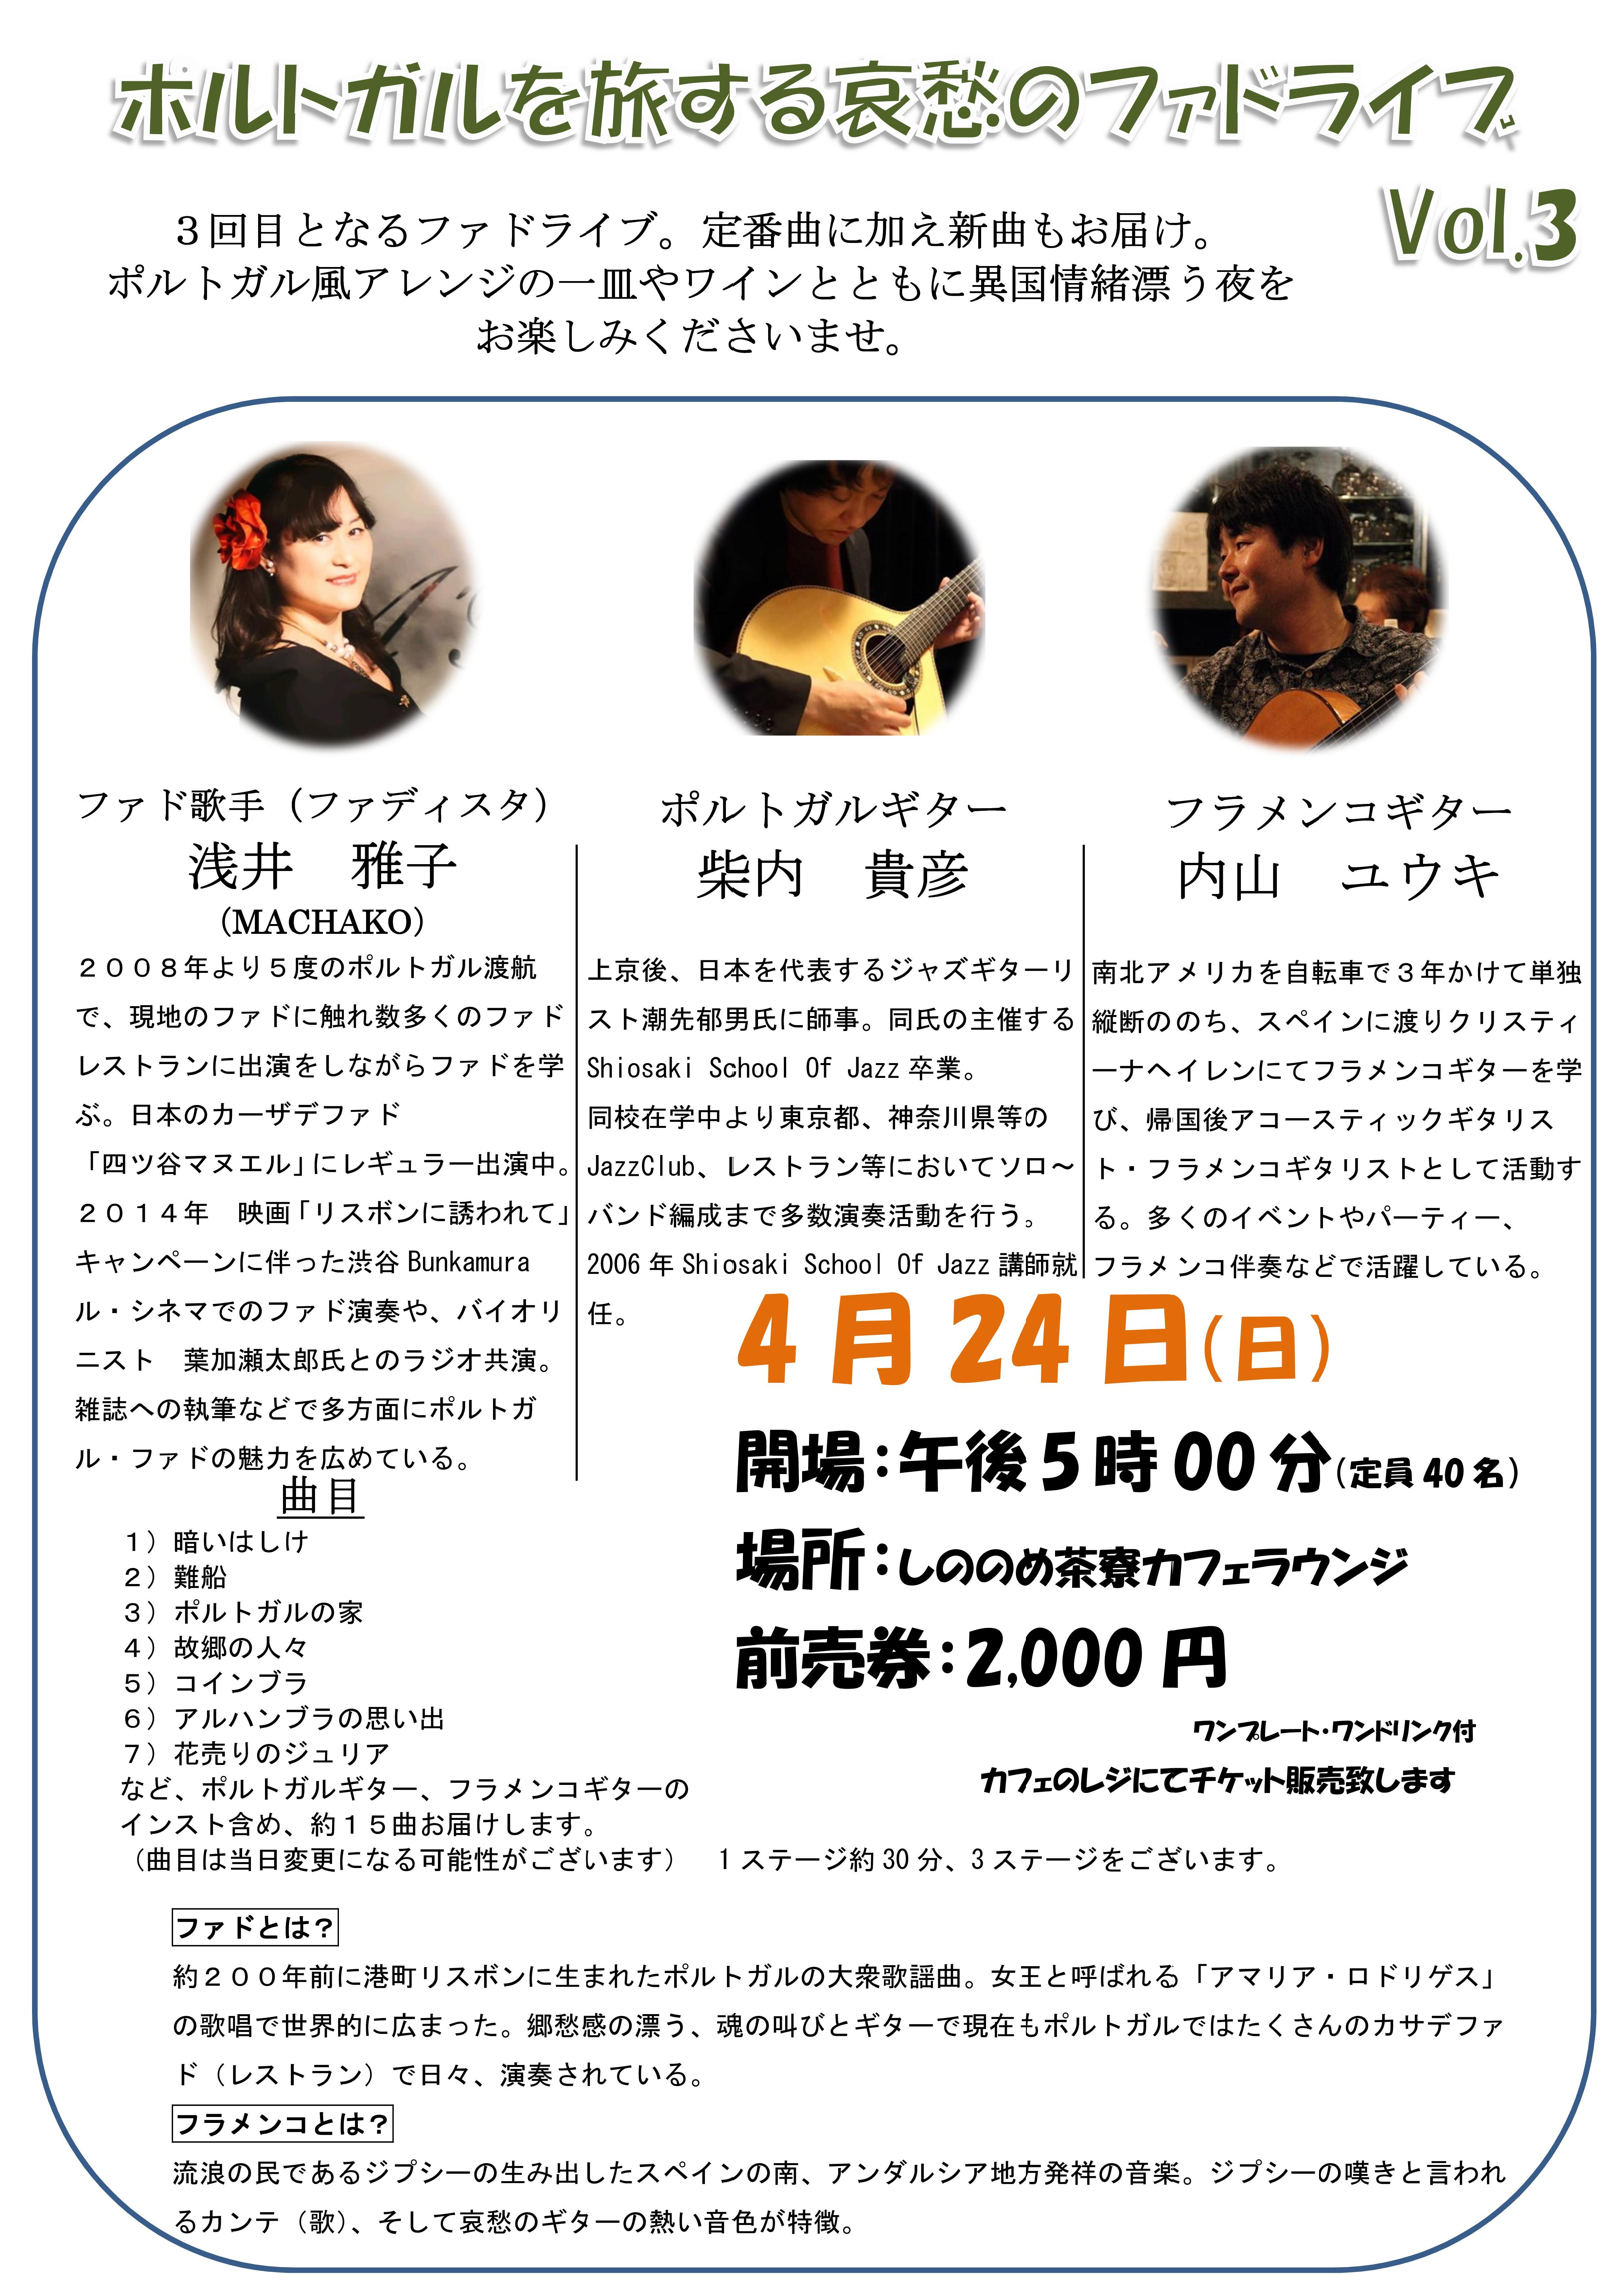 1604改訂版しののめファドコンサートポスター